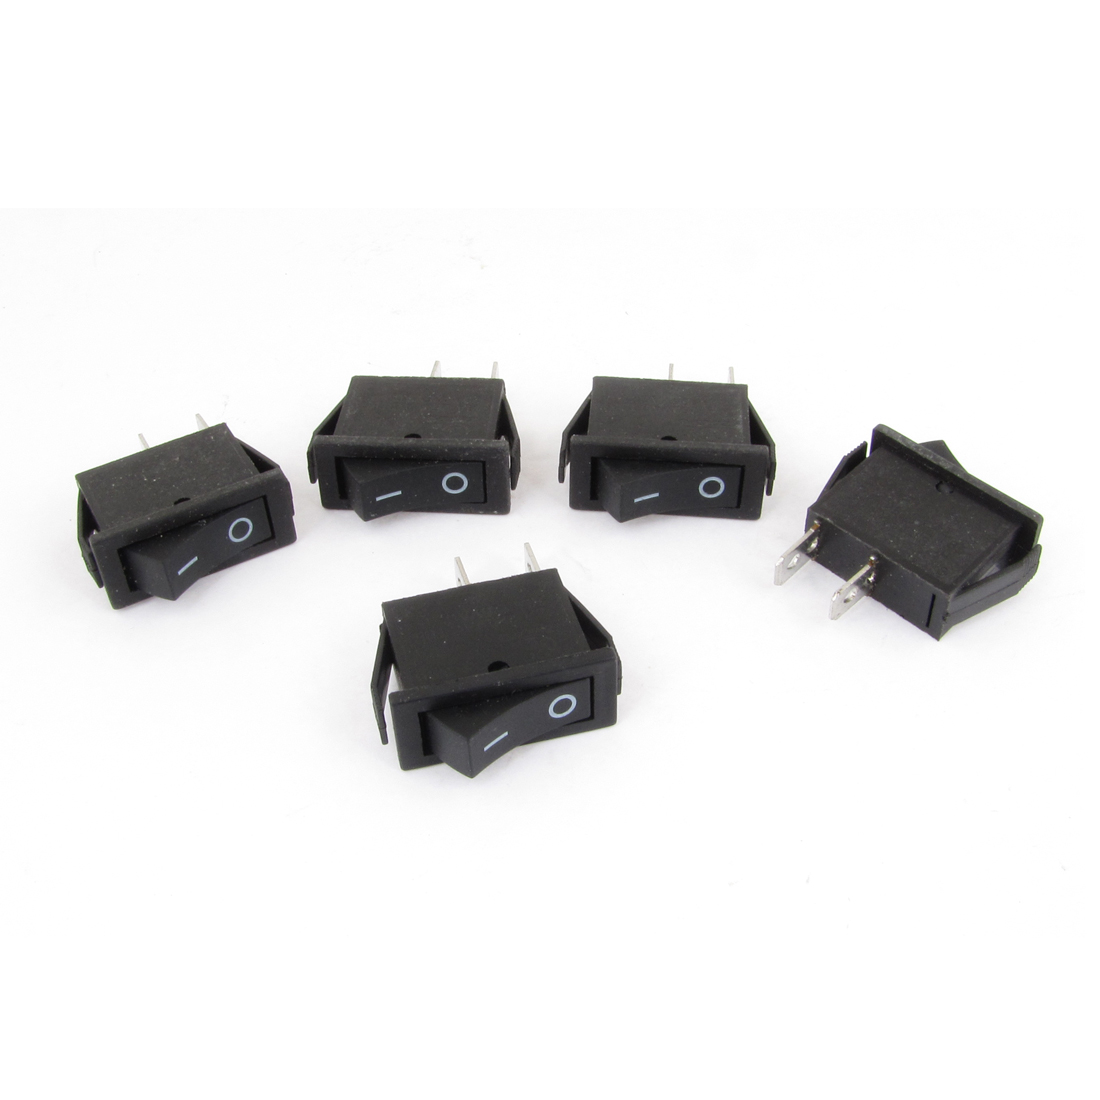 5PCS AC250V 16A/125V 20A On-Off Type Rocker Switch for Car